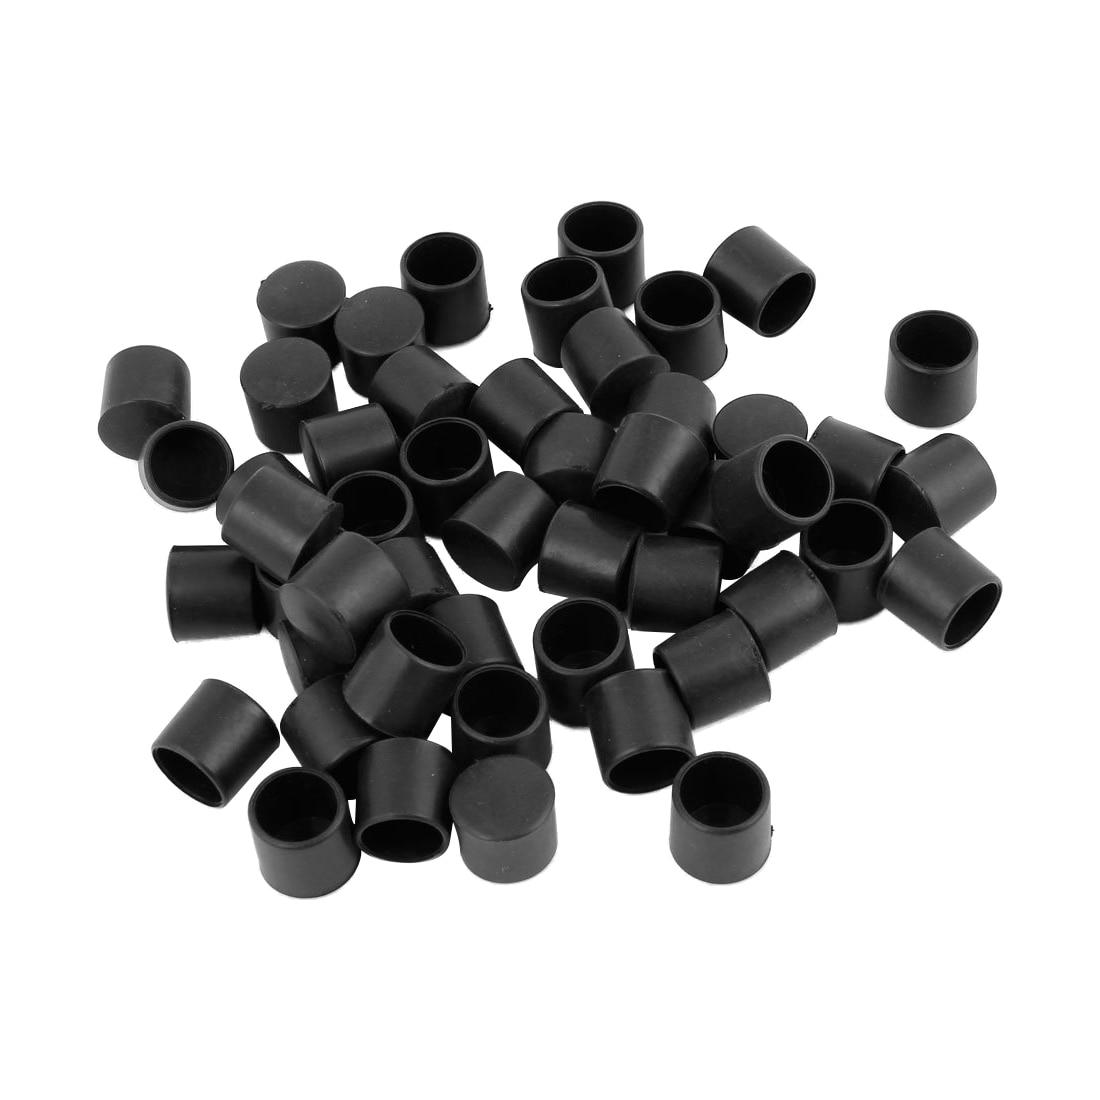 Promotion! 50 Pcs Black Rubber PVC Flexible Round End Cap Round 12mm Foot Cover